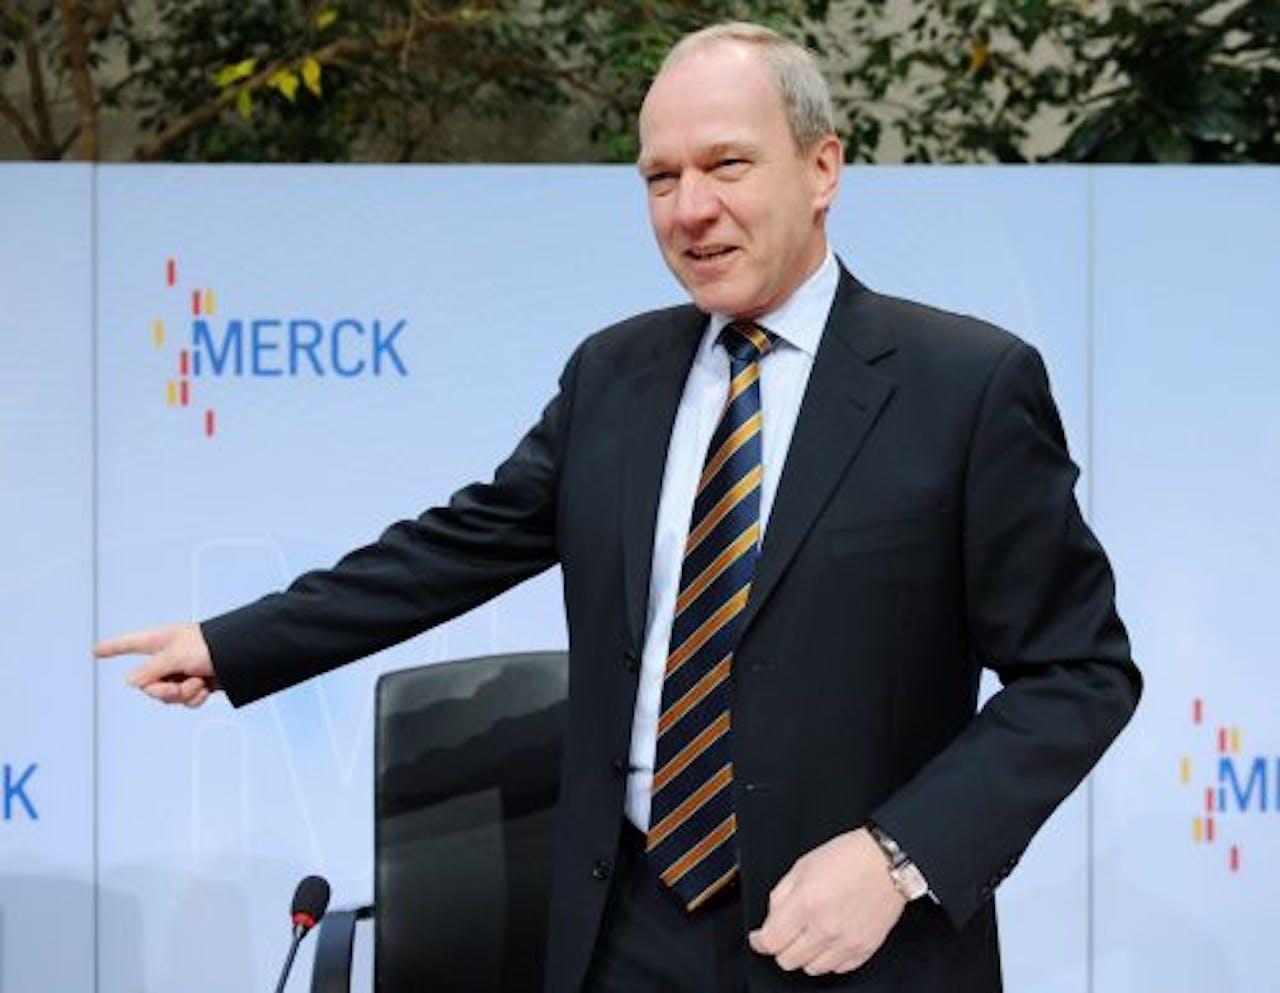 De CEO van Merck, Karl-Ludwig Kley. EPA